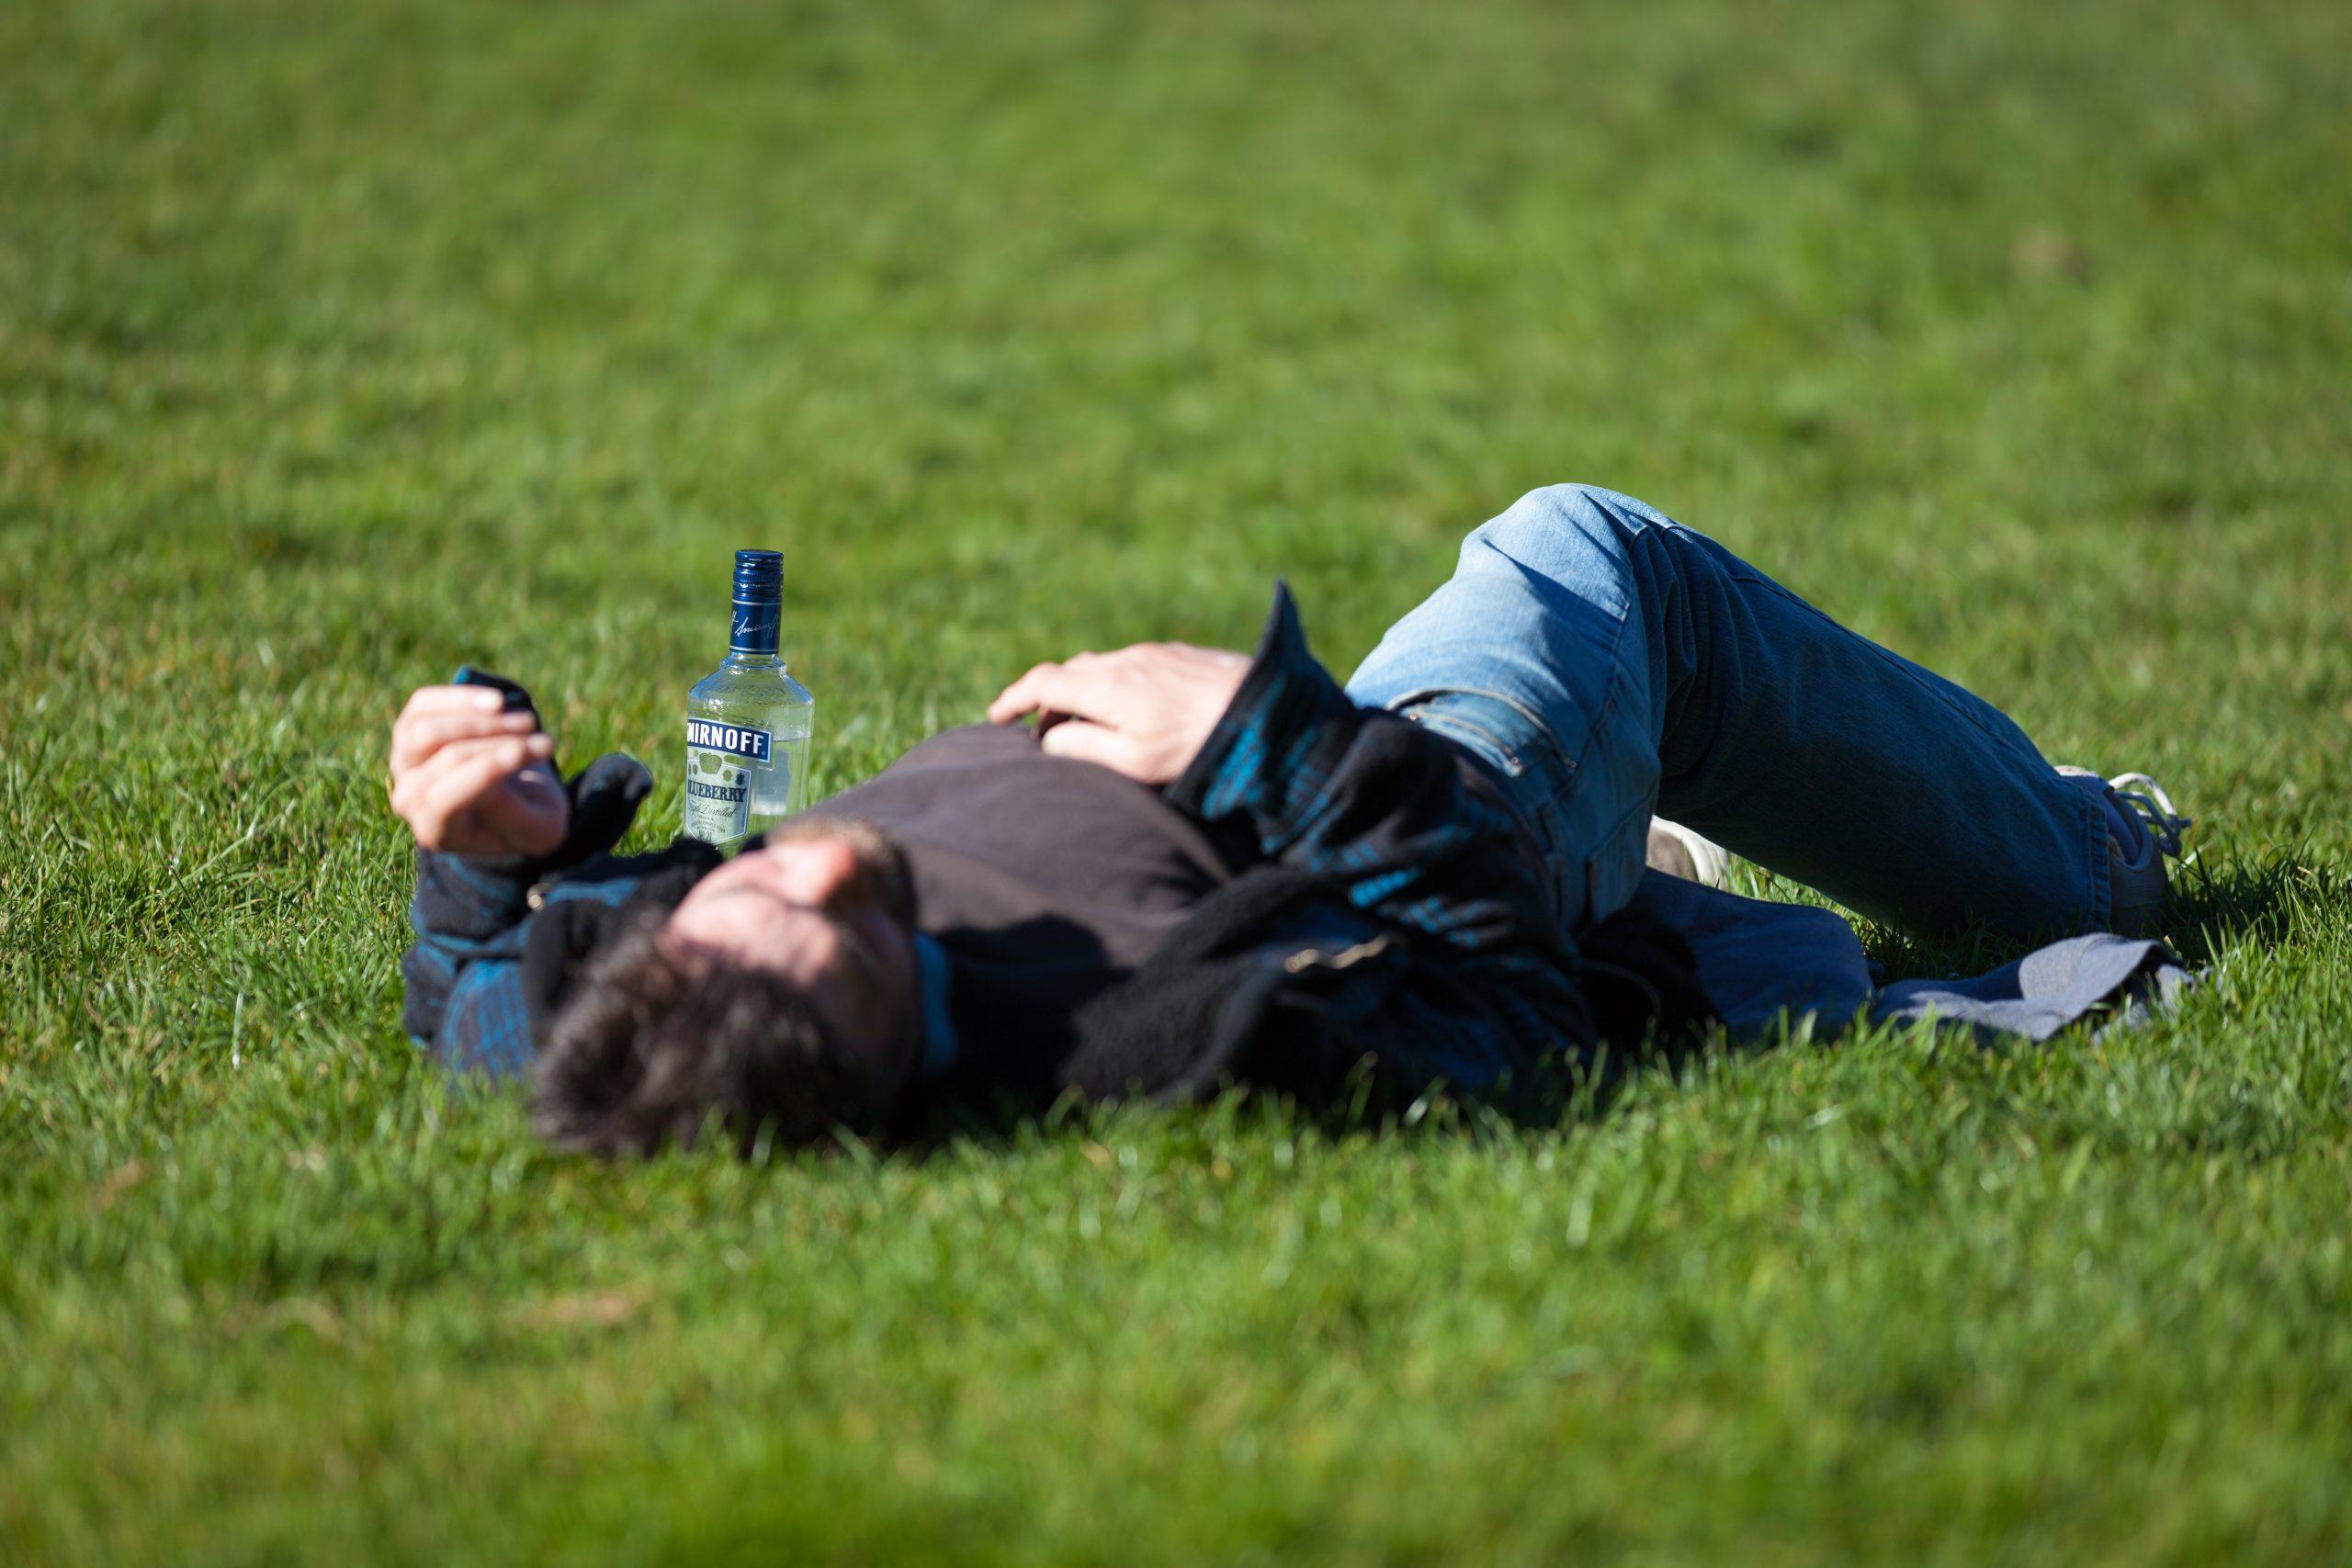 15 éve nem láttam a lányom – nem kíváncsi az alkoholista apjára…